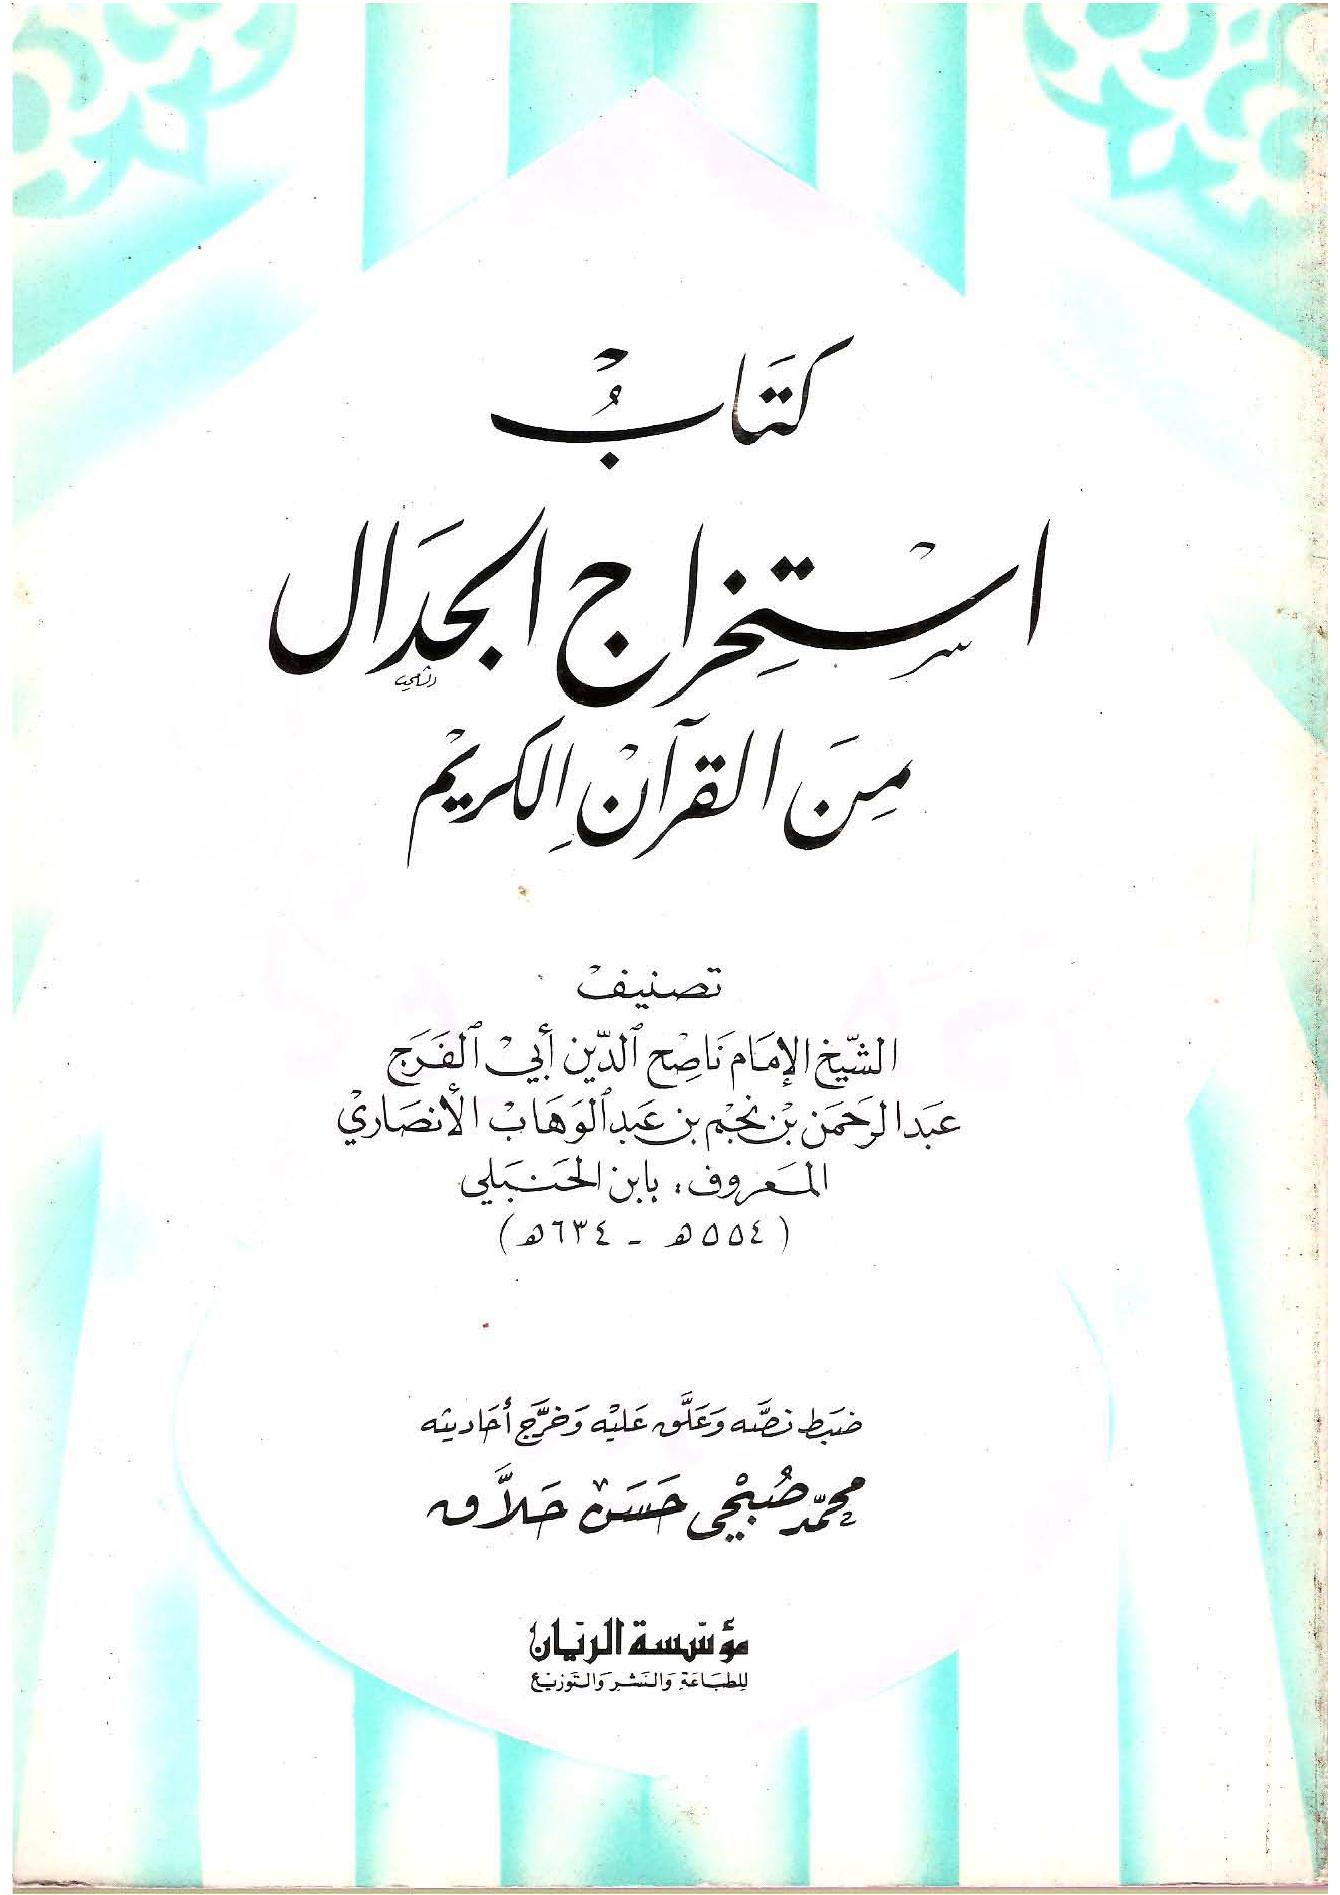 تحميل كتاب استخراج الجدال من القرآن الكريم لـِ: الإمام ناصح الدين عبد الرحمن بن نجم الأنصاري ابن الحنبلي (ت 634)